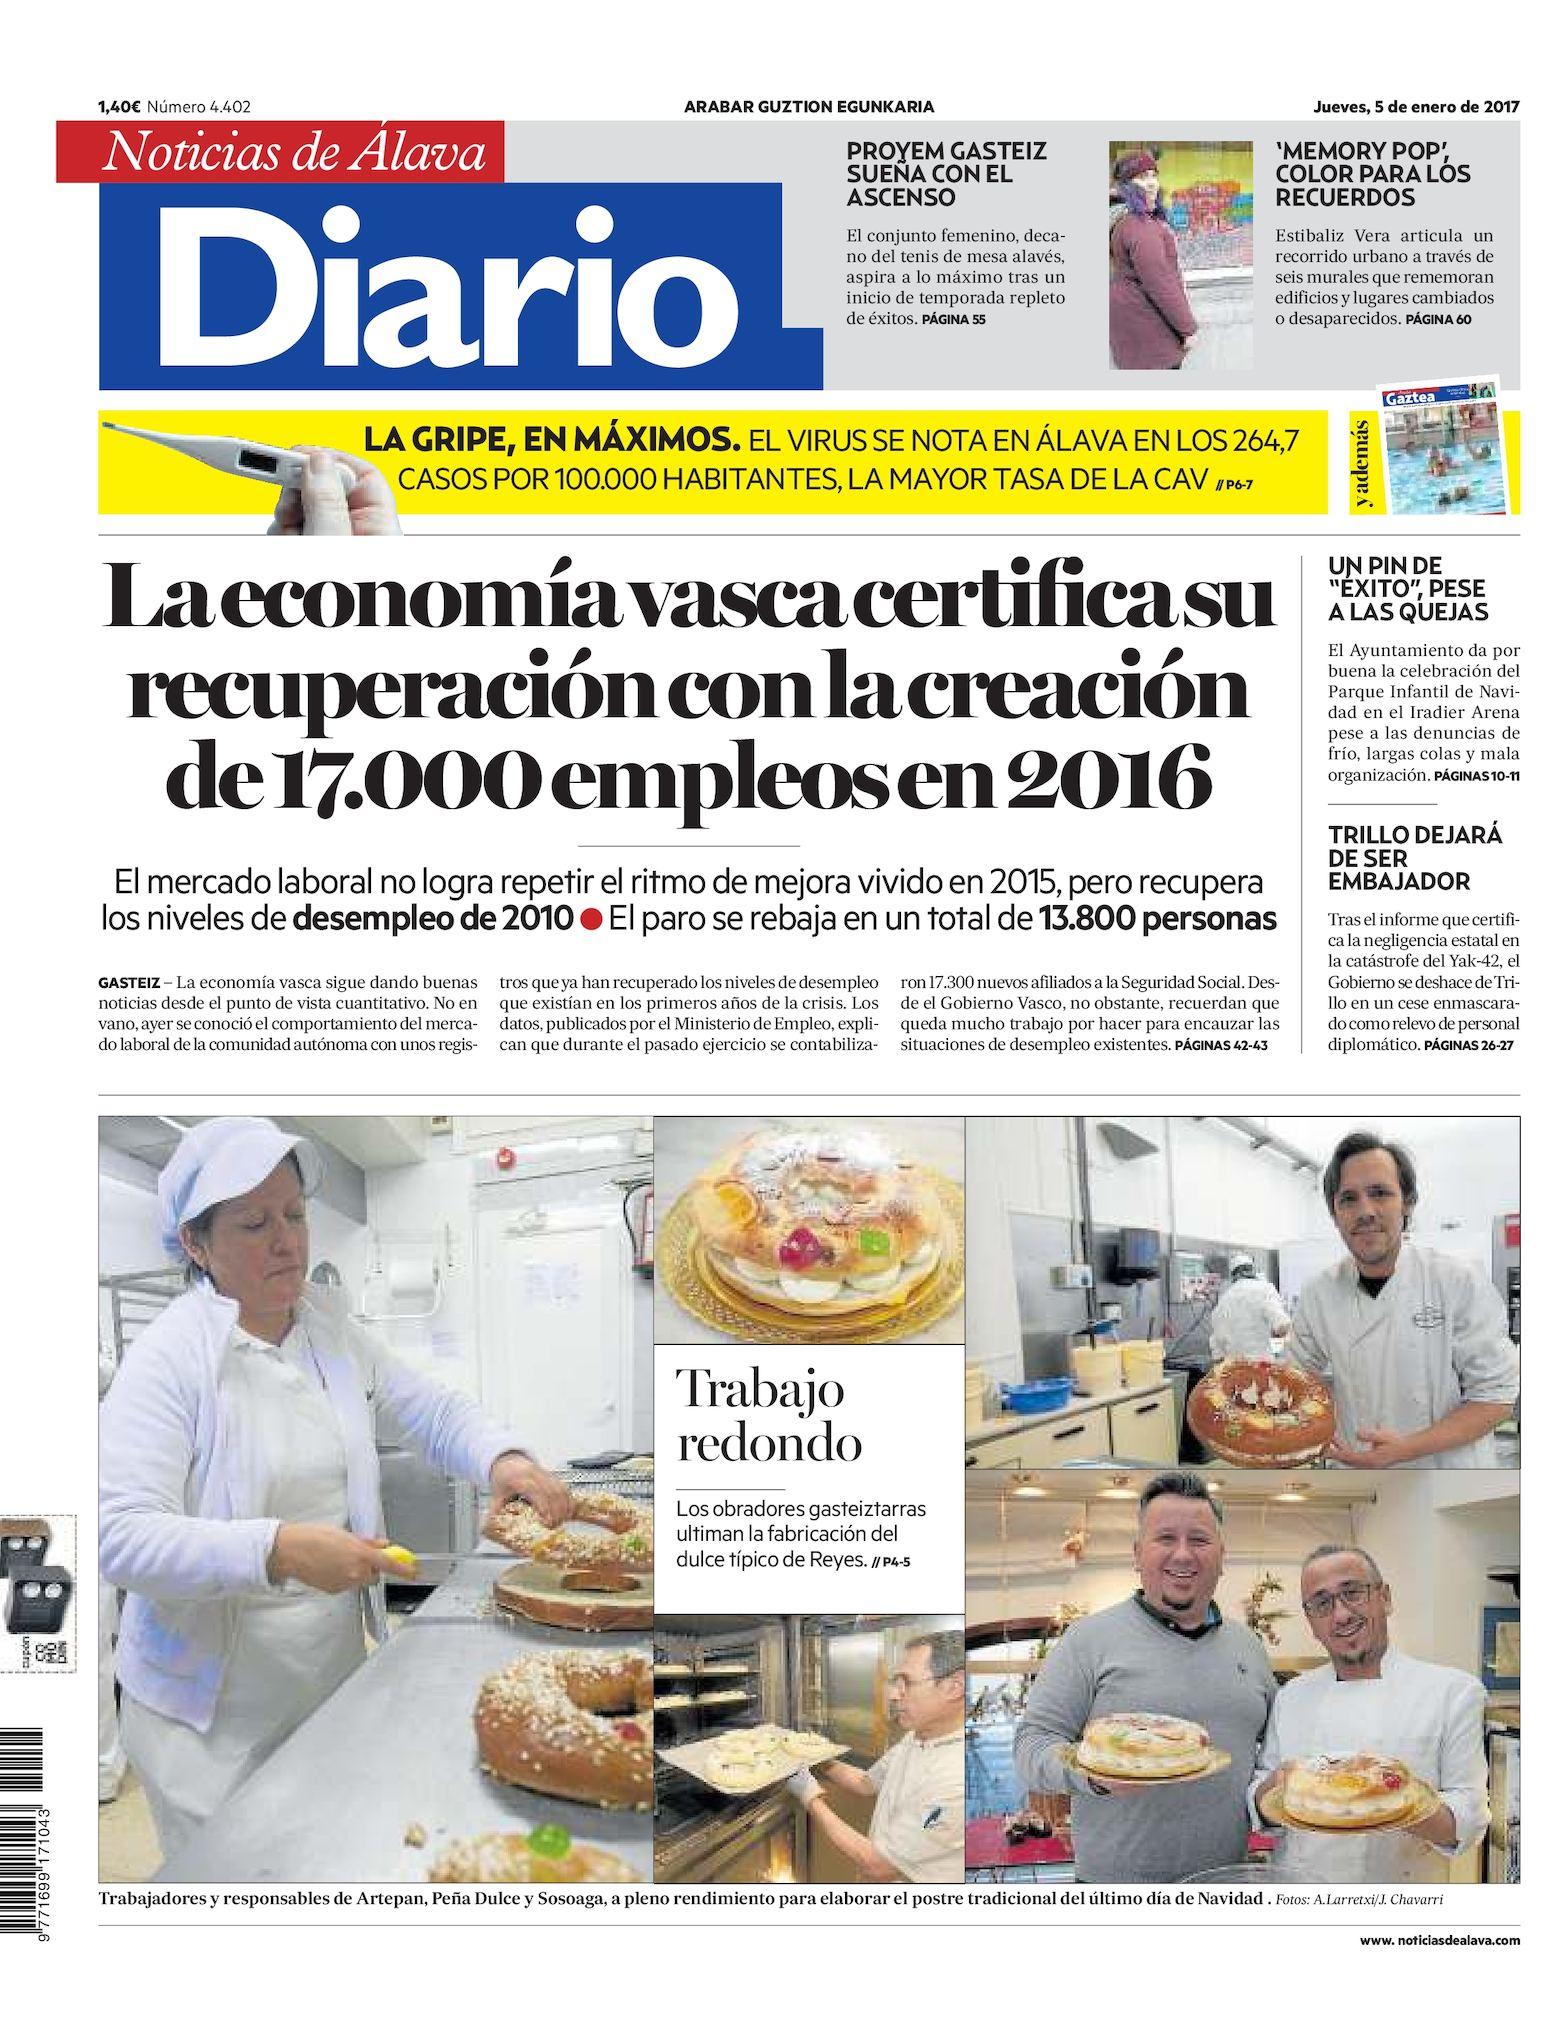 8e1361713e60 Calaméo - Diario de Noticias de Álava 20170105